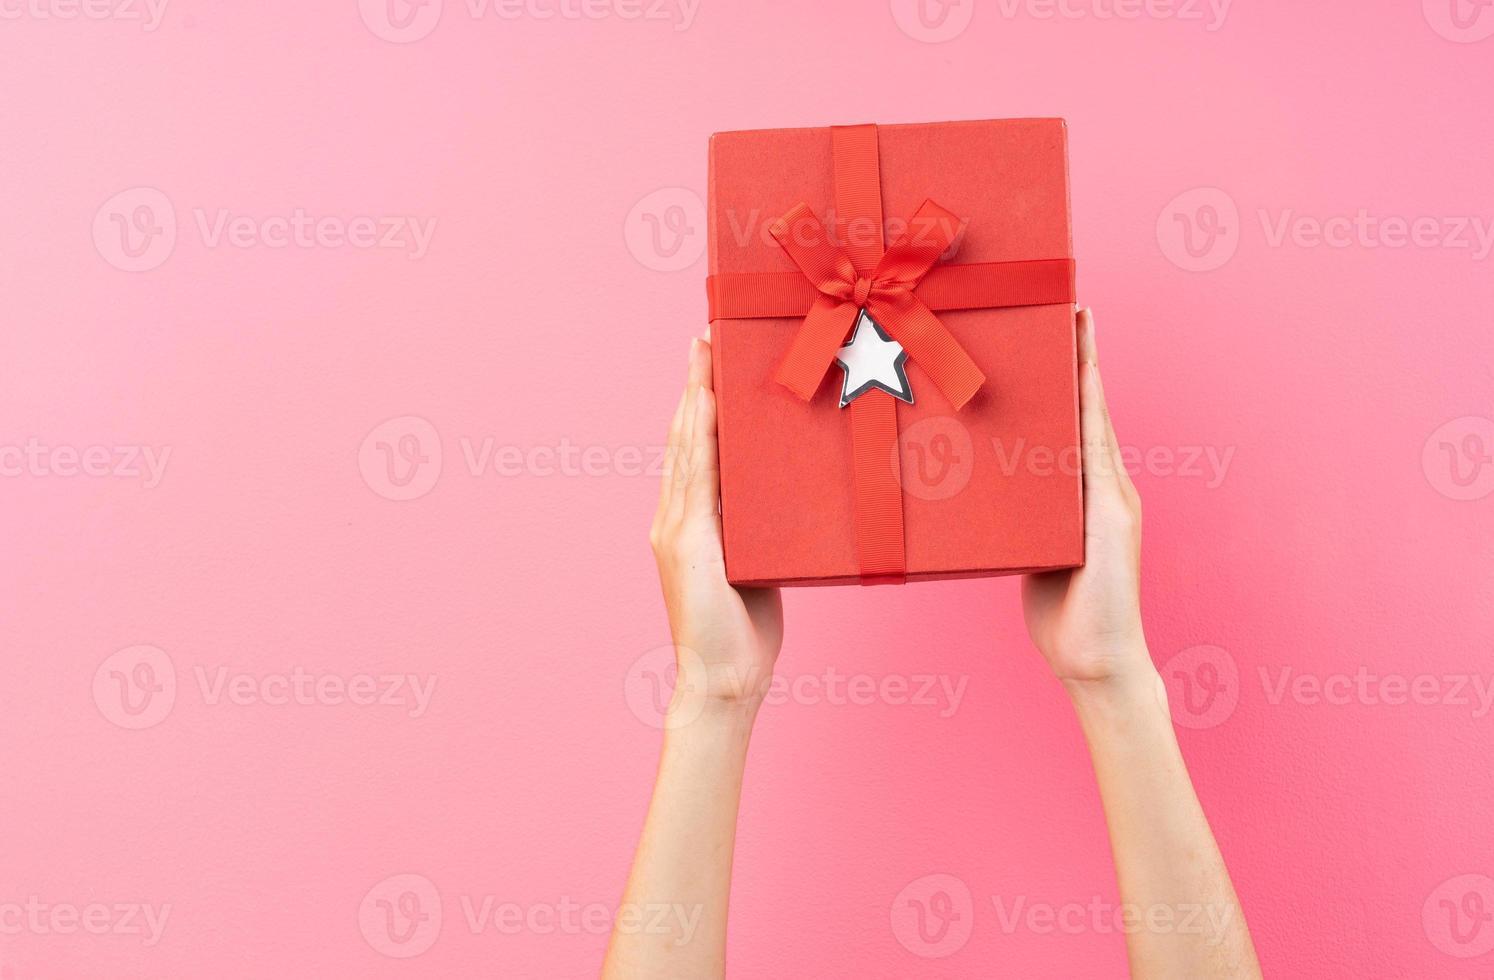 manos sosteniendo caja de regalo roja sobre fondo rosa foto